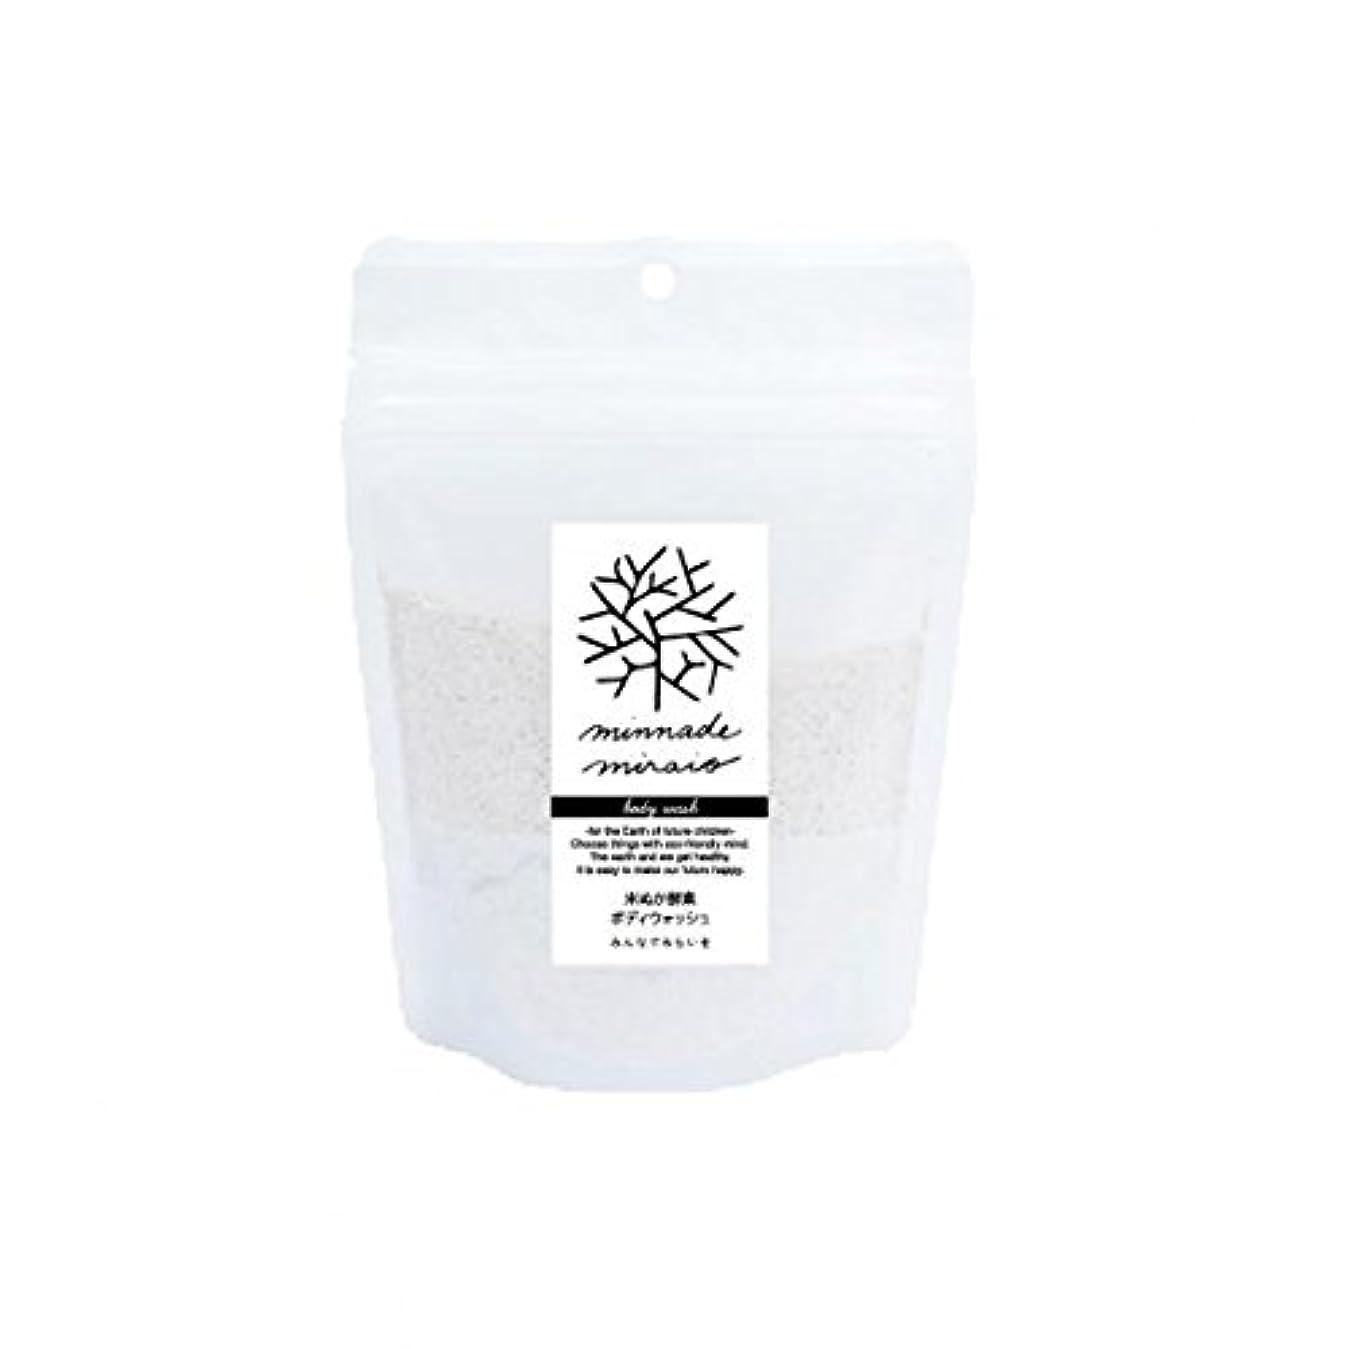 因子百鉱夫みんなでみらいを 100%無添加 米ぬか酵素ボディウォッシュ 詰替用 130g×3袋